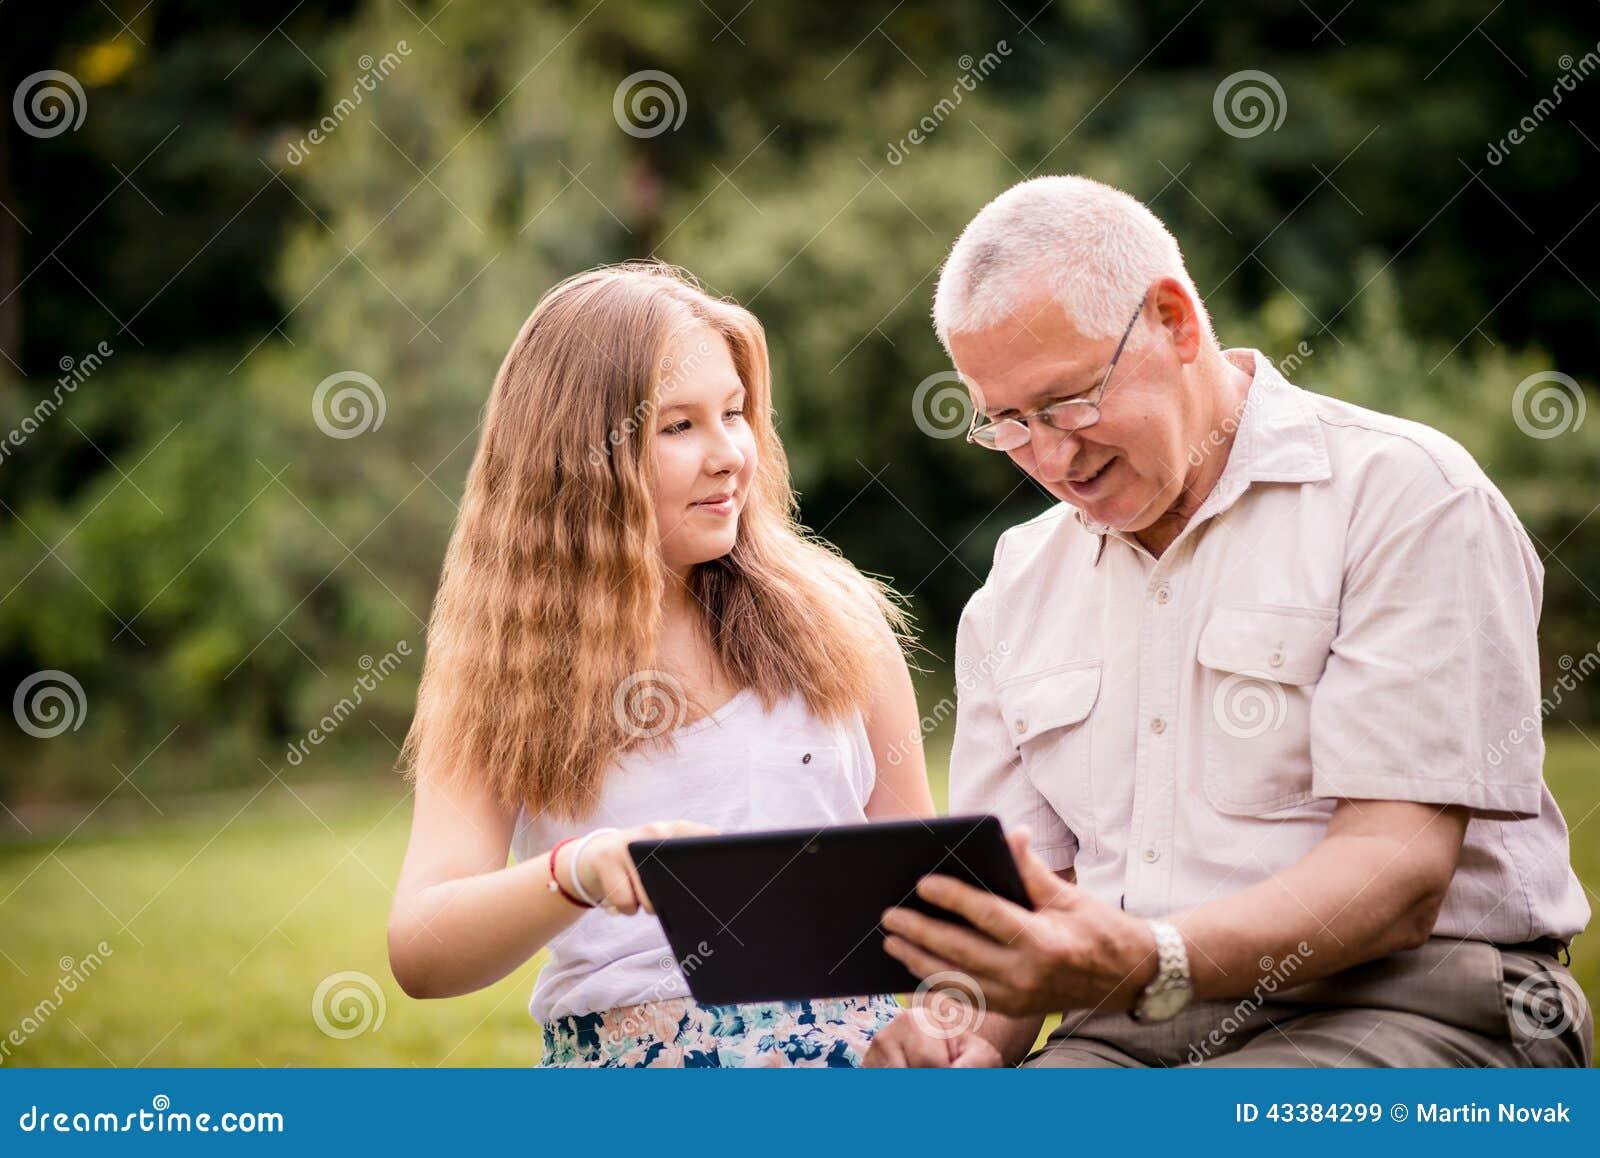 O neto mostra a tabuleta de primeira geração